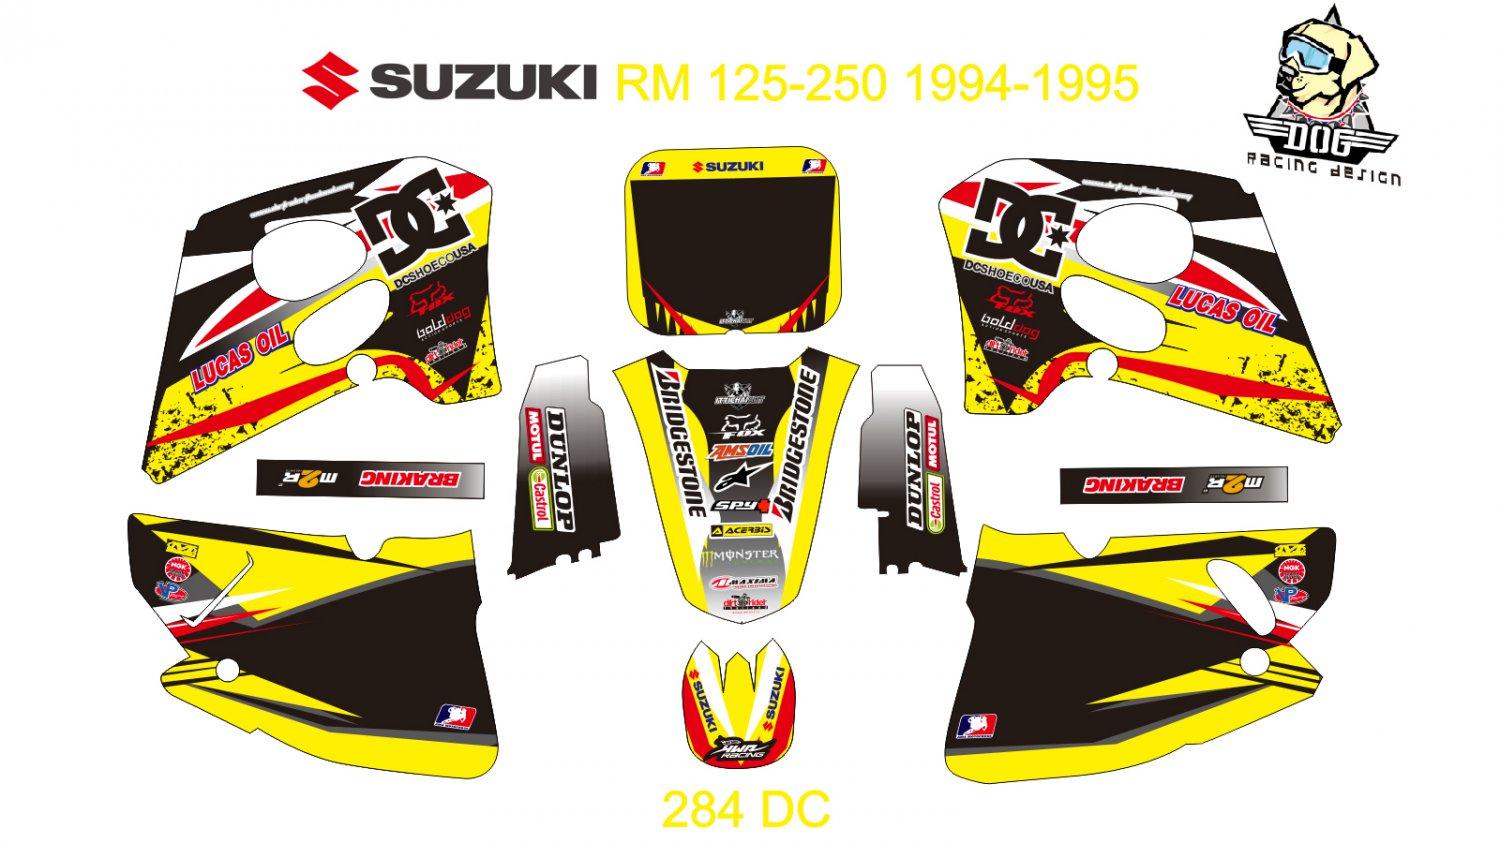 SUZUKI RM 125-250 1994-1995 GRAPHIC DECAL KIT CODE.284